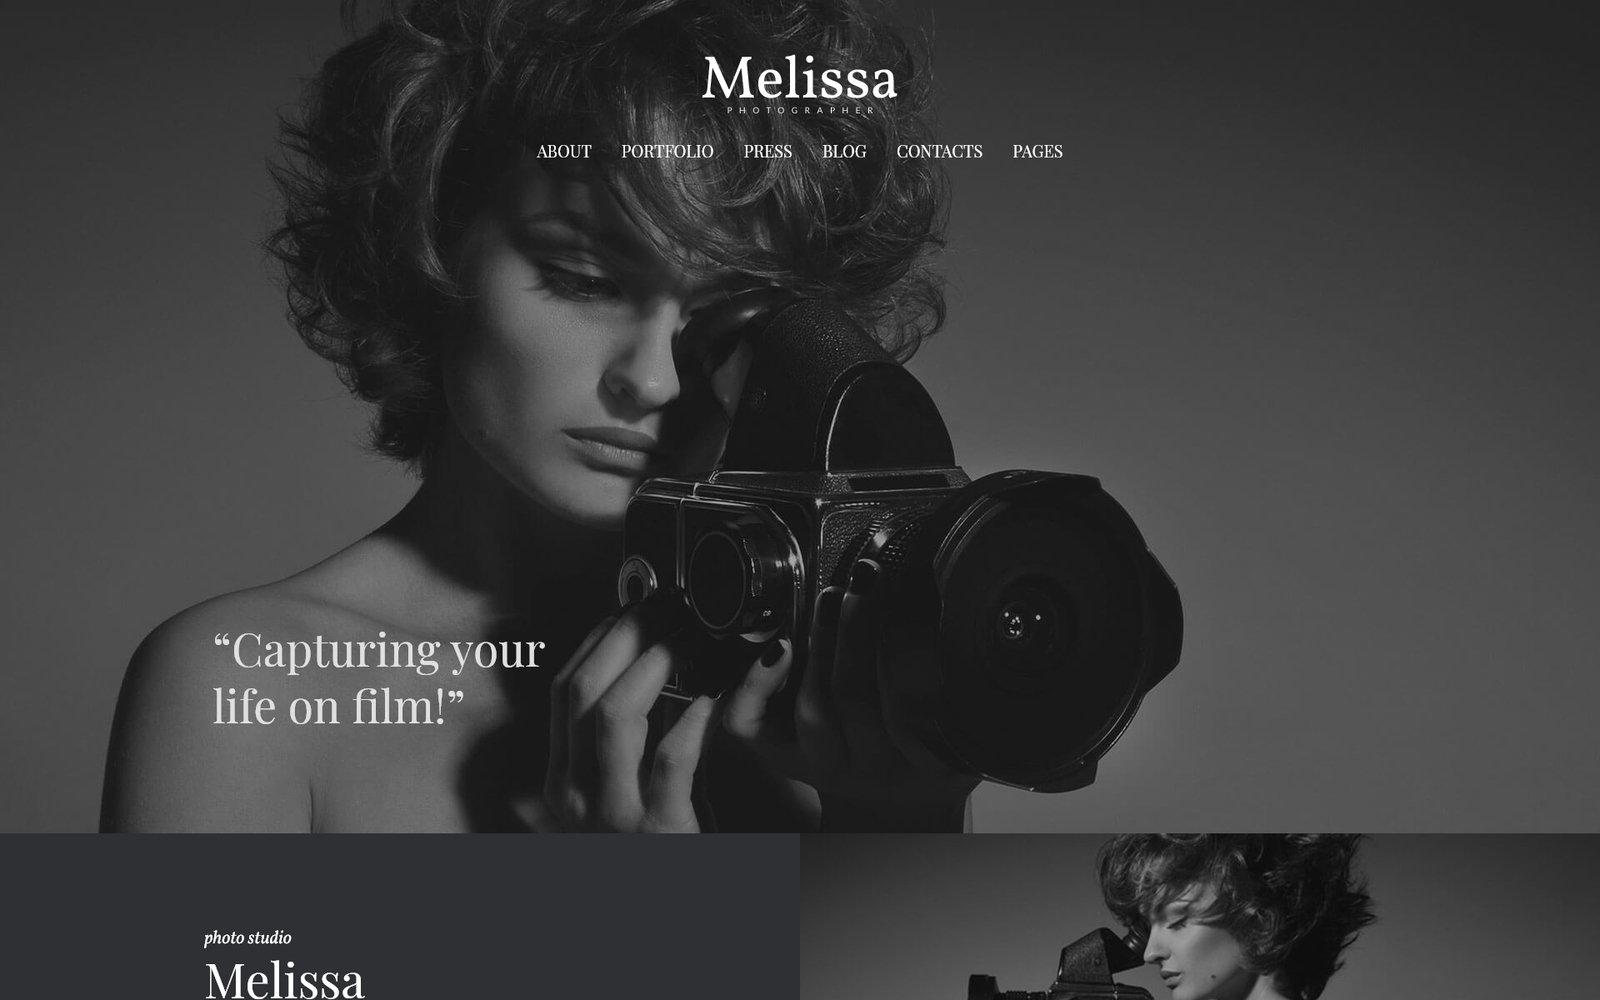 """""""Melissa - Art et Photographie, Portfolio de photographe, Studio de photographie"""" thème WordPress adaptatif #52153"""